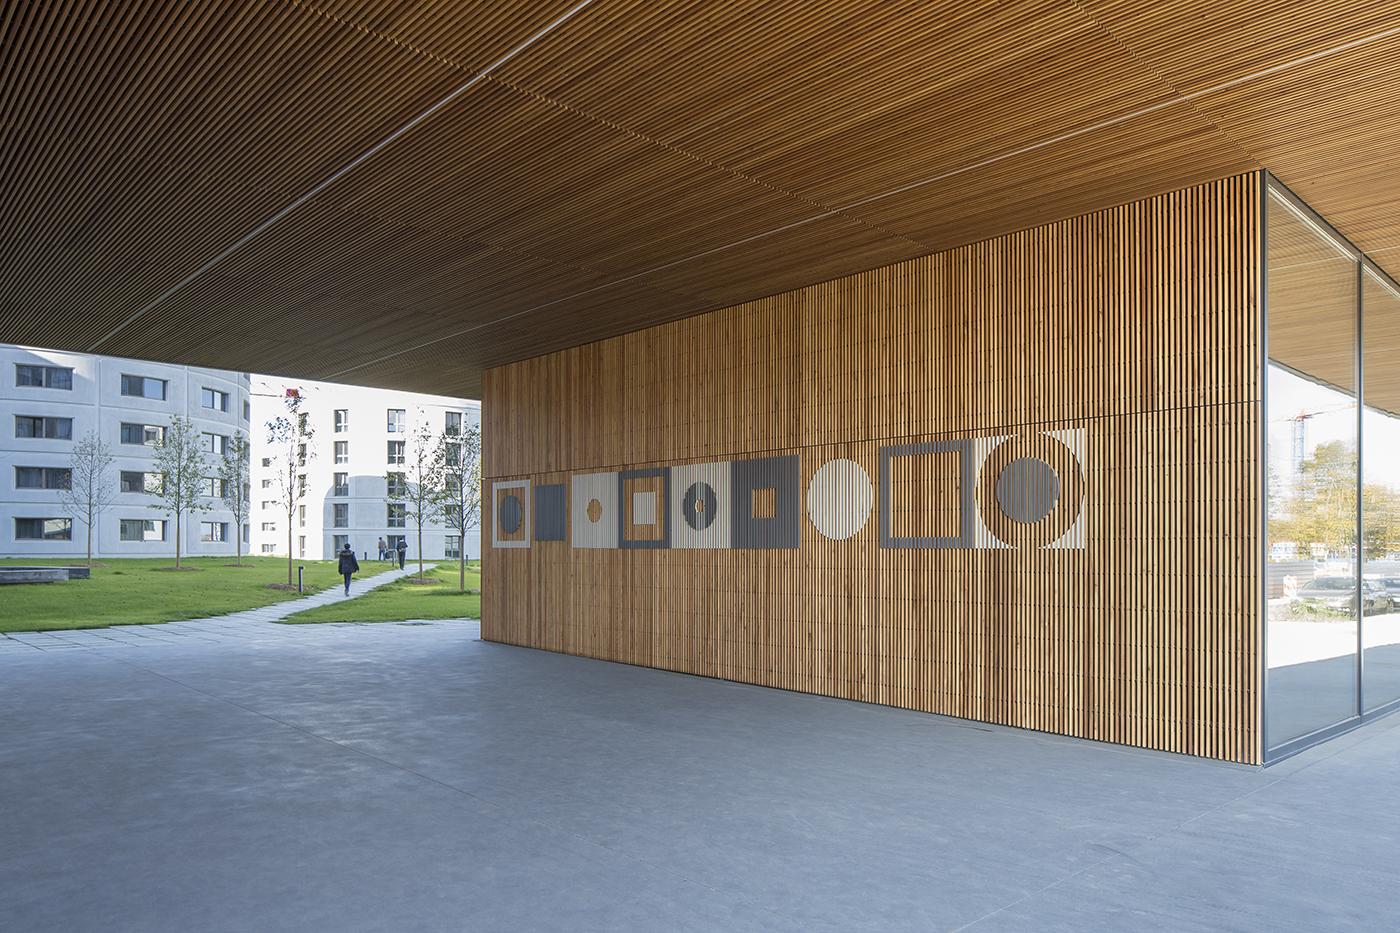 signalétique université Paris-Saclay étudiant Lan architecture bouygue linkcity